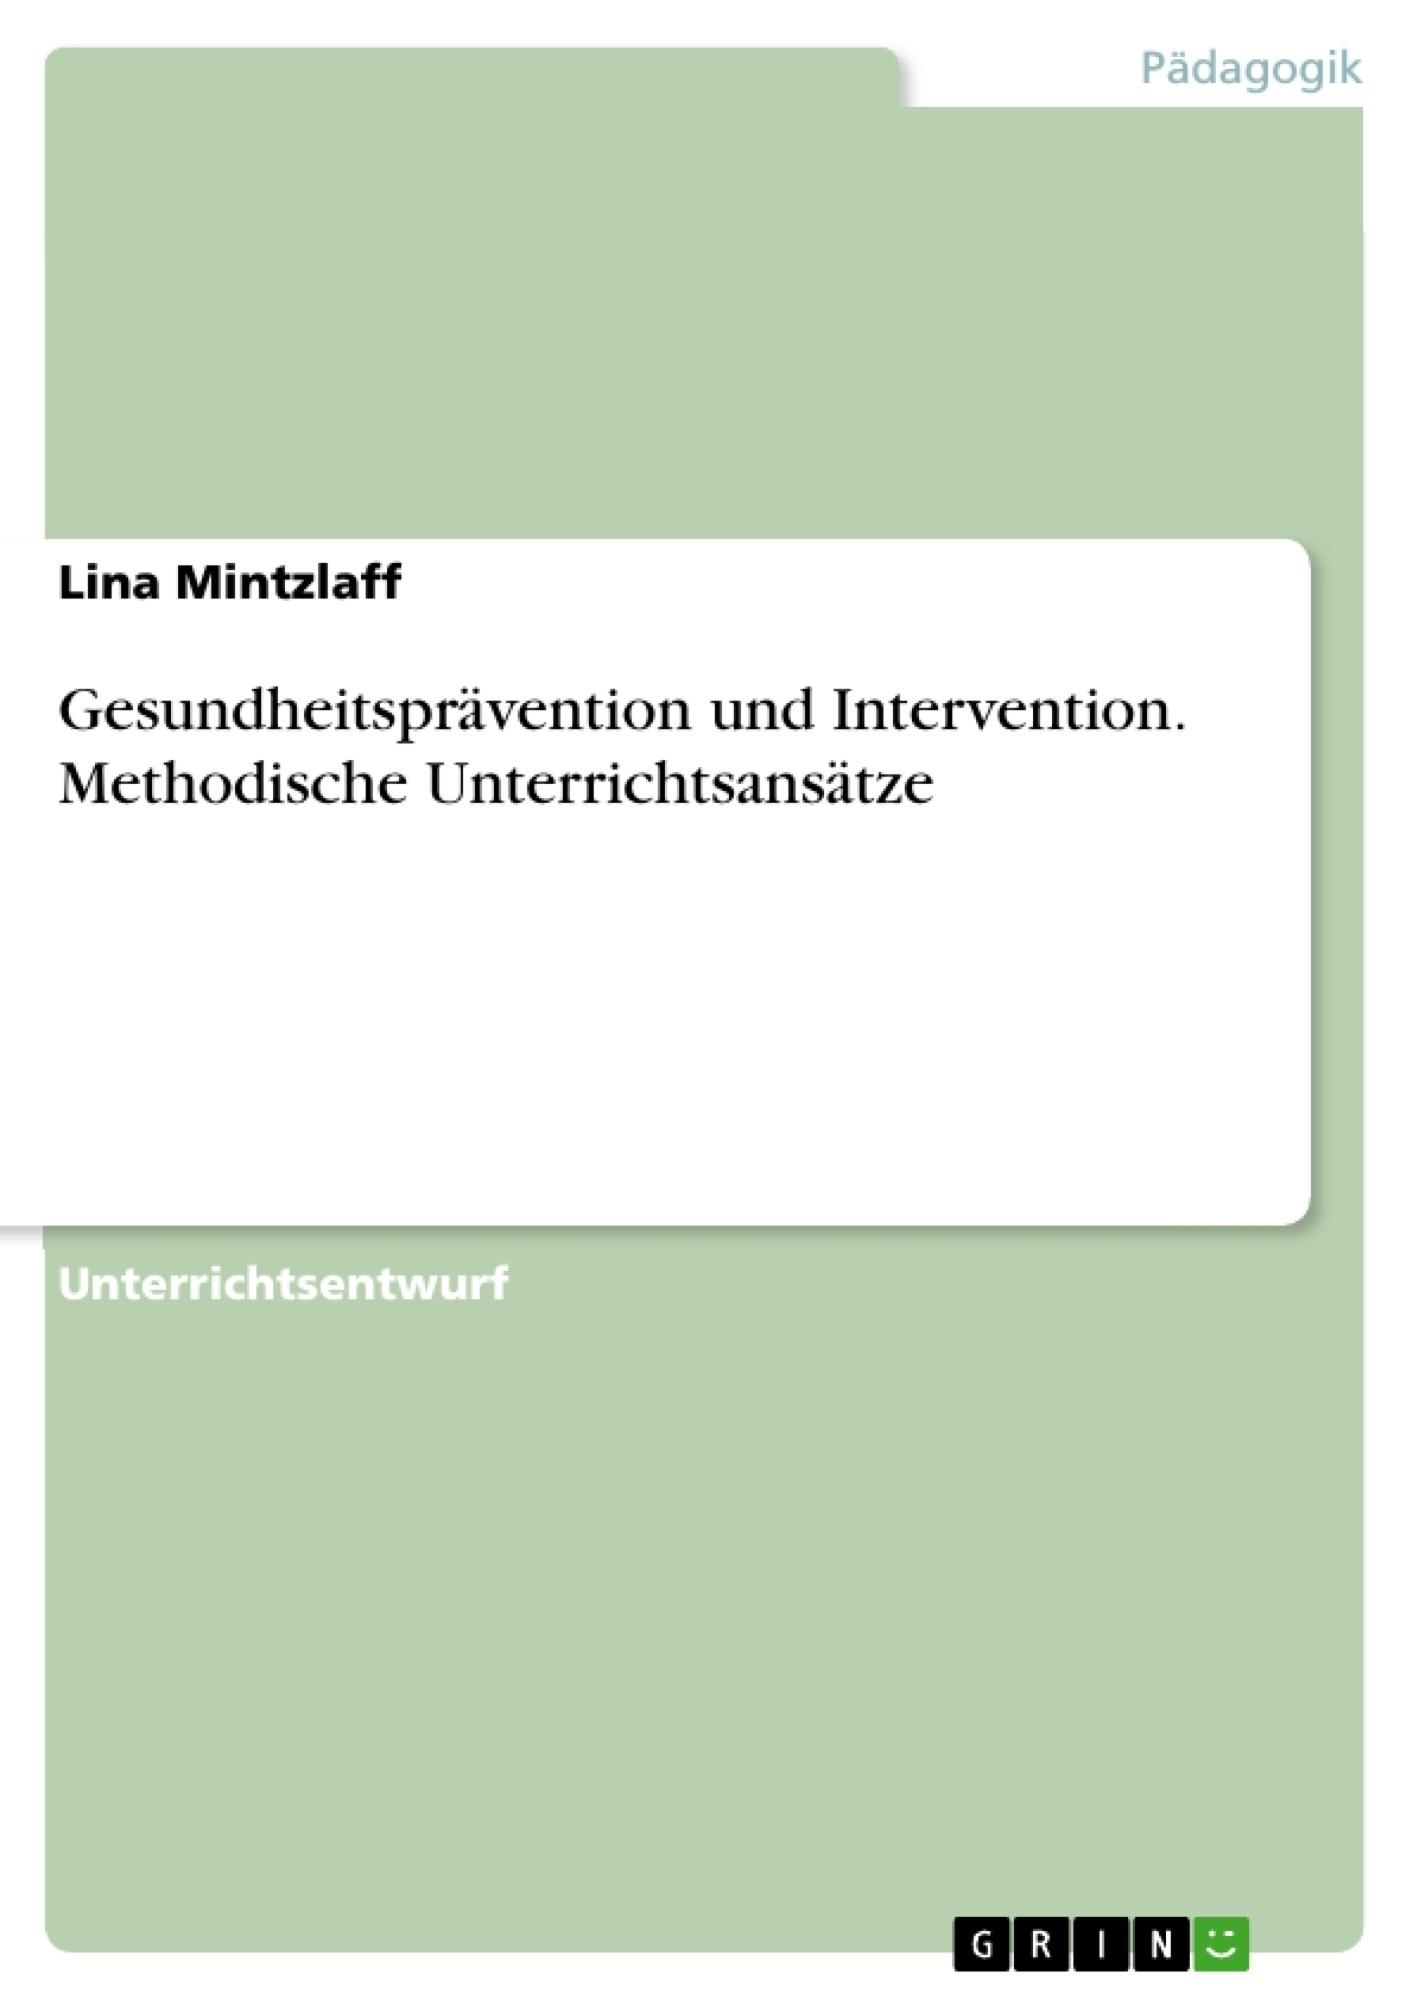 Titel: Gesundheitsprävention und Intervention. Methodische Unterrichtsansätze